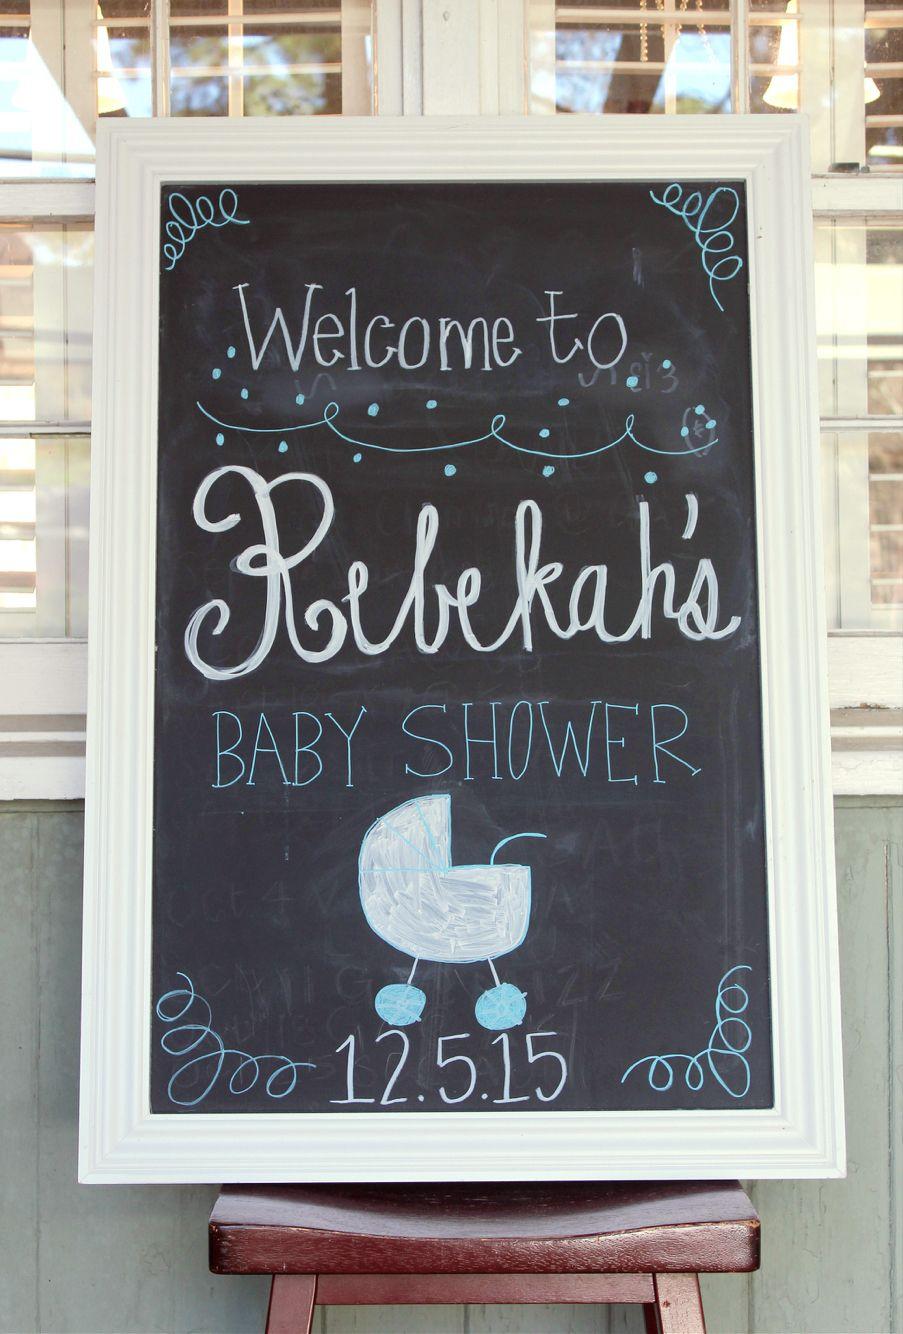 Baby shower chalkboard